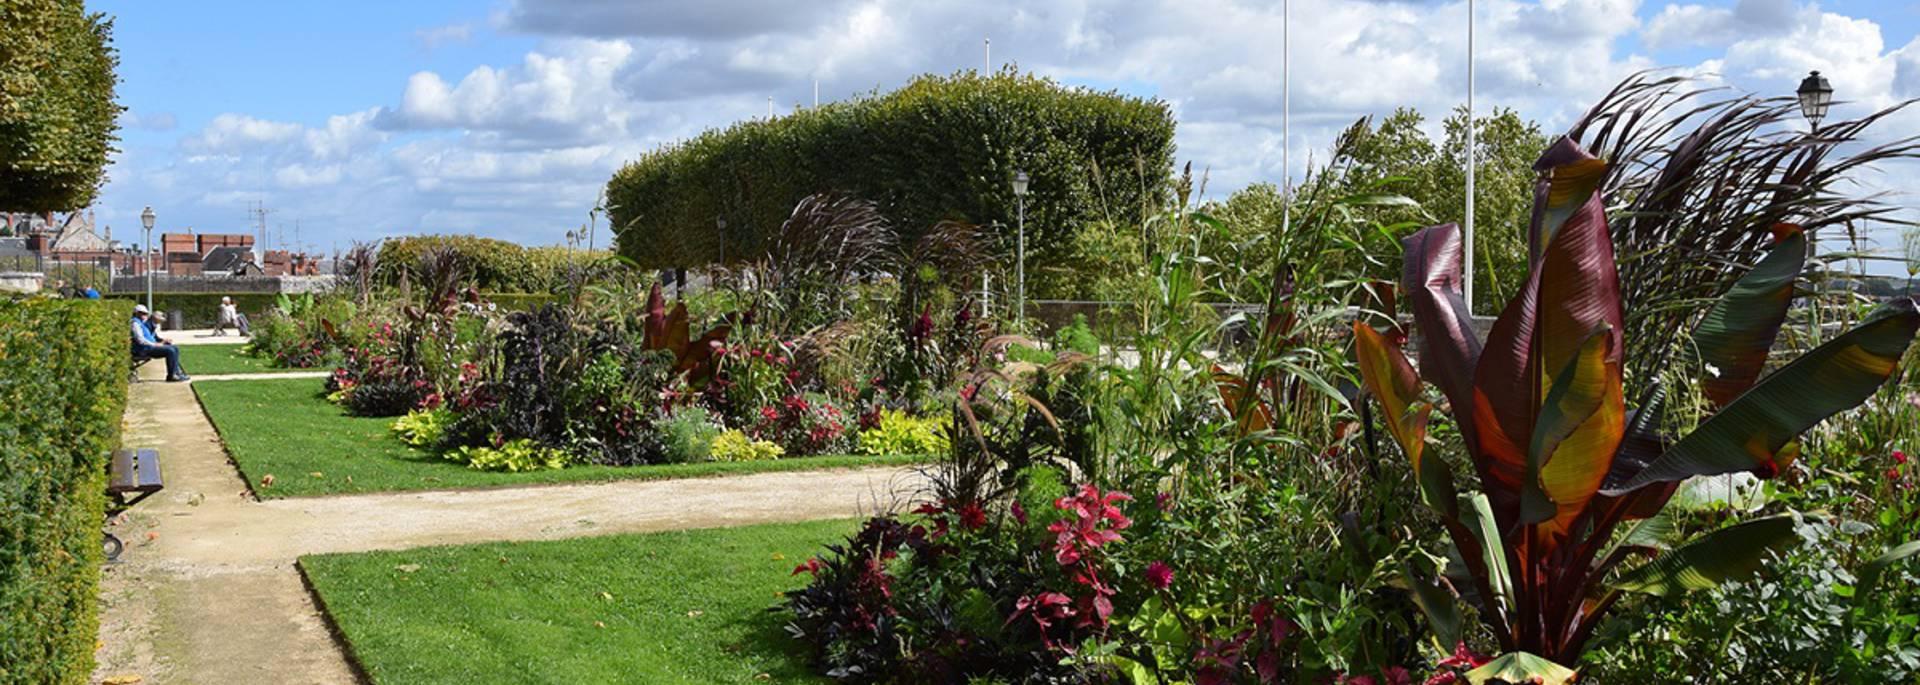 The Saint-Sauveur flowerbeds in Blois